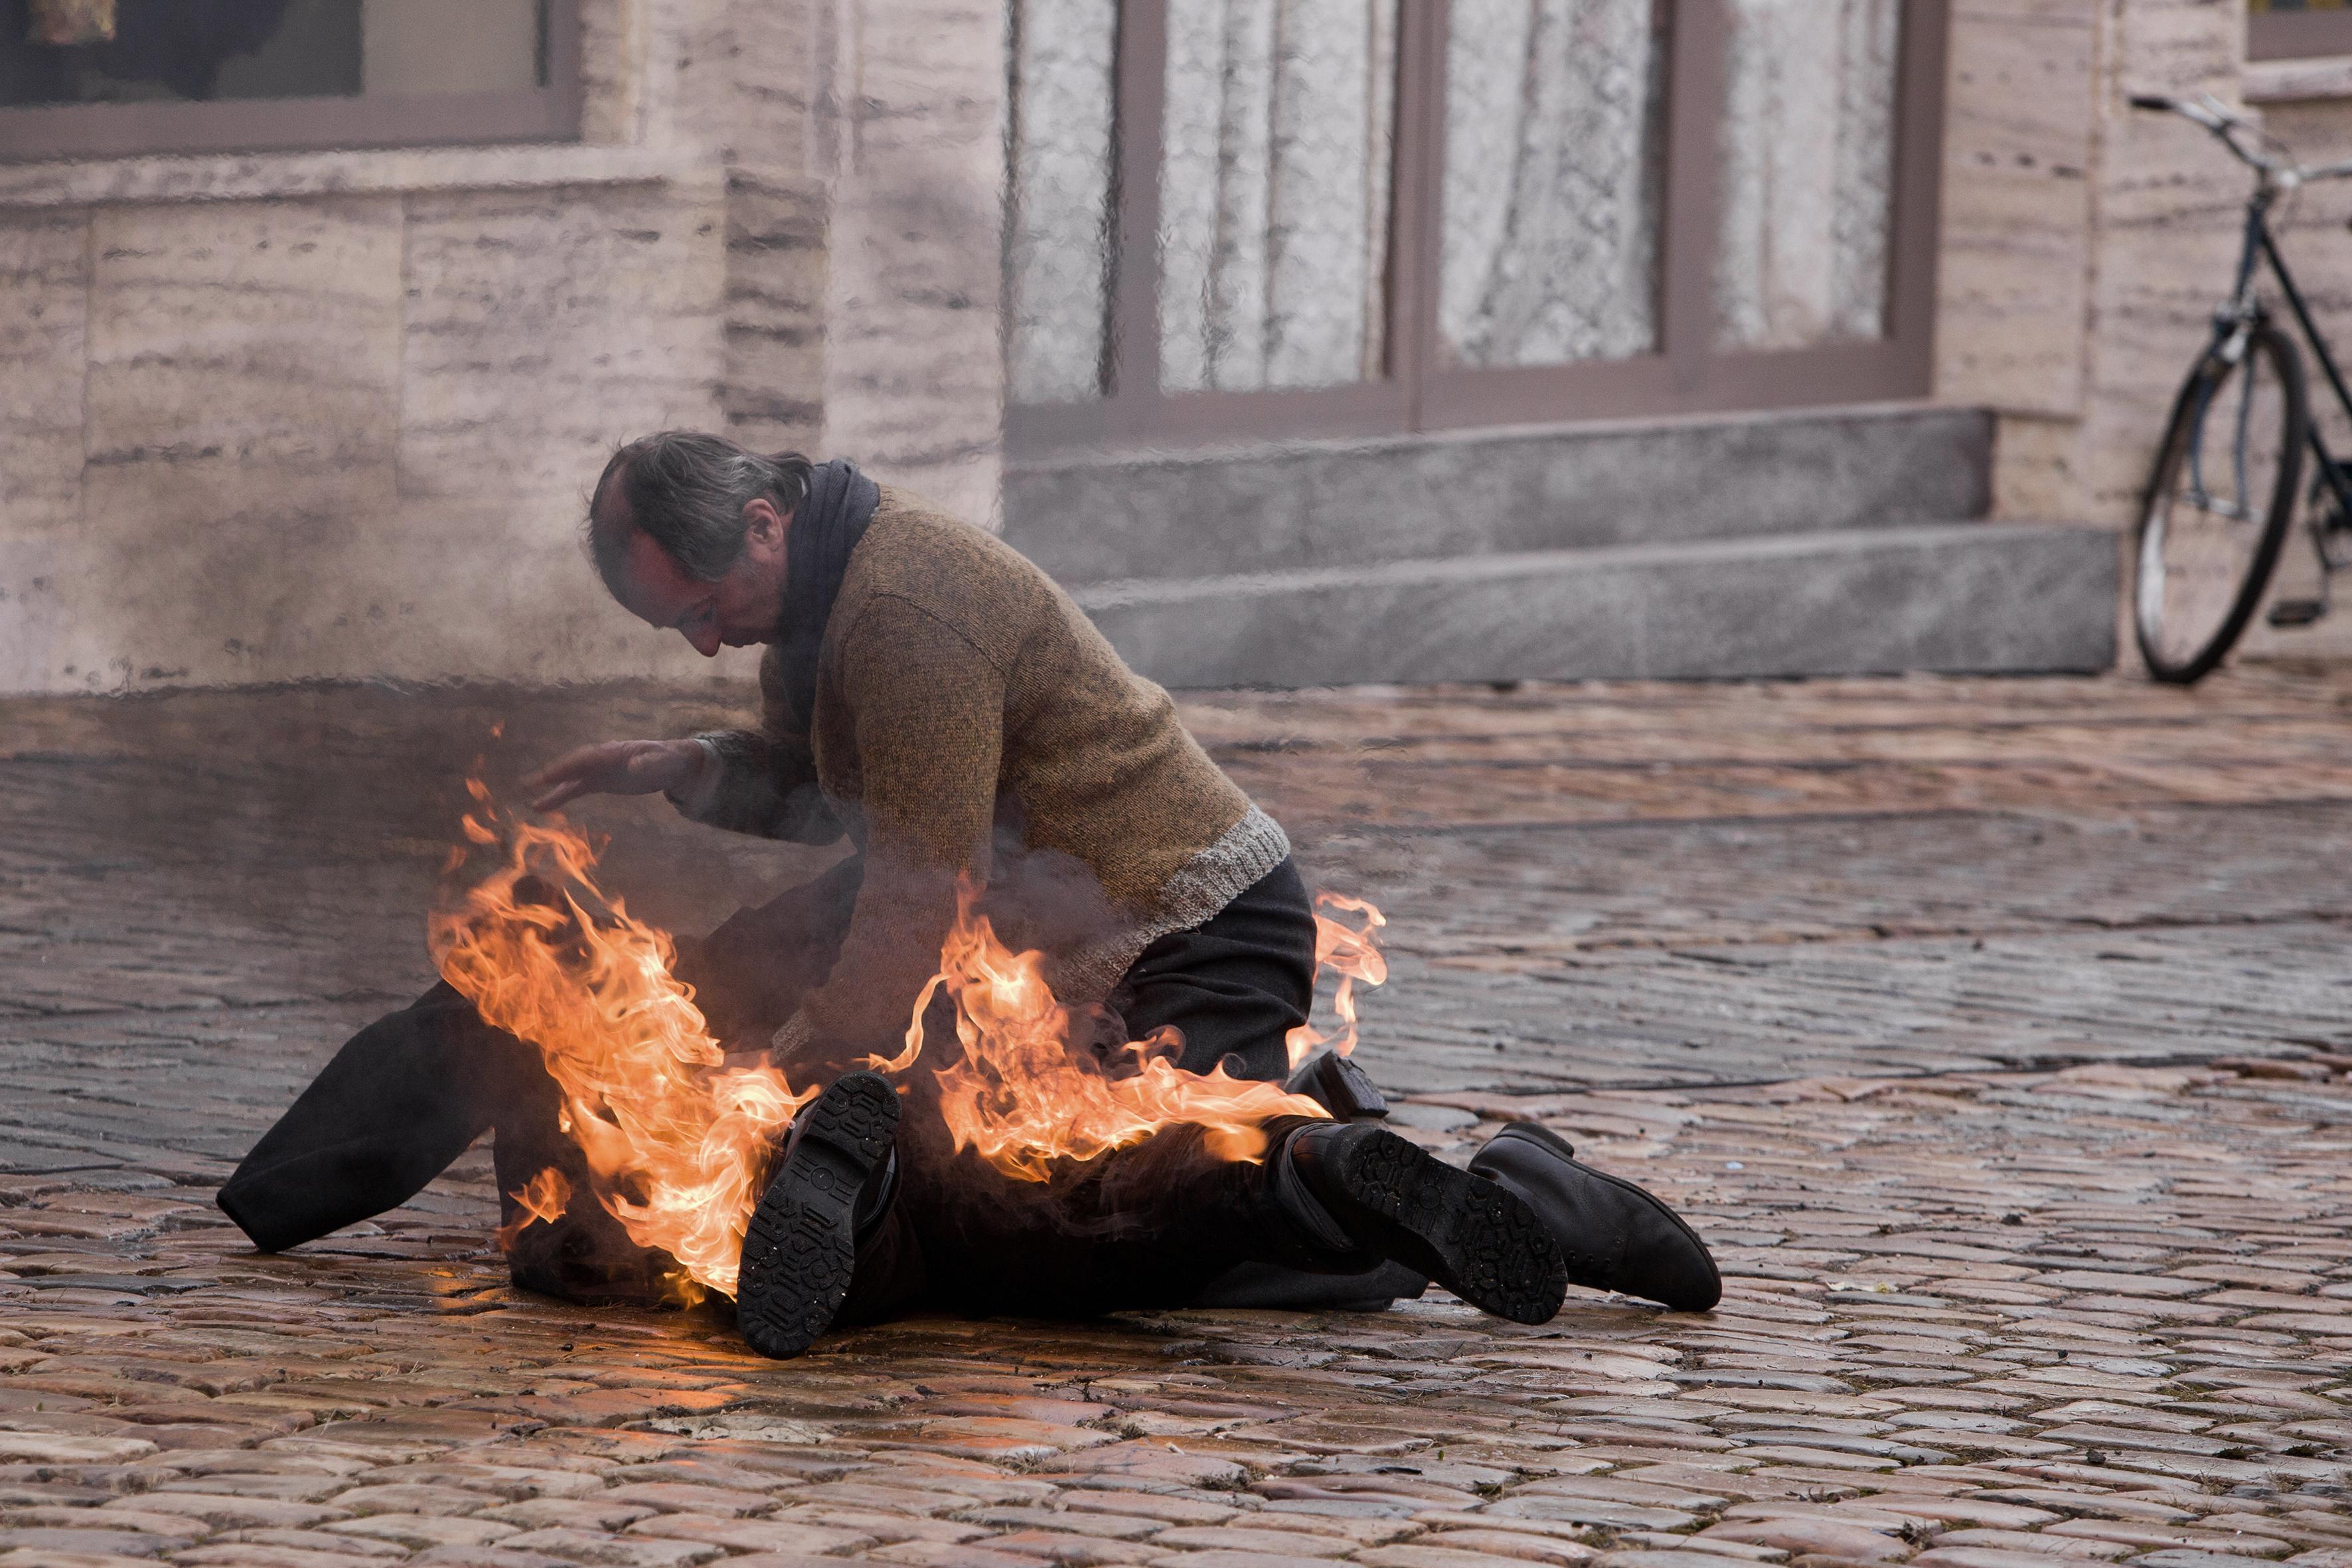 44 burning_bush_pr_hi-res_still_051